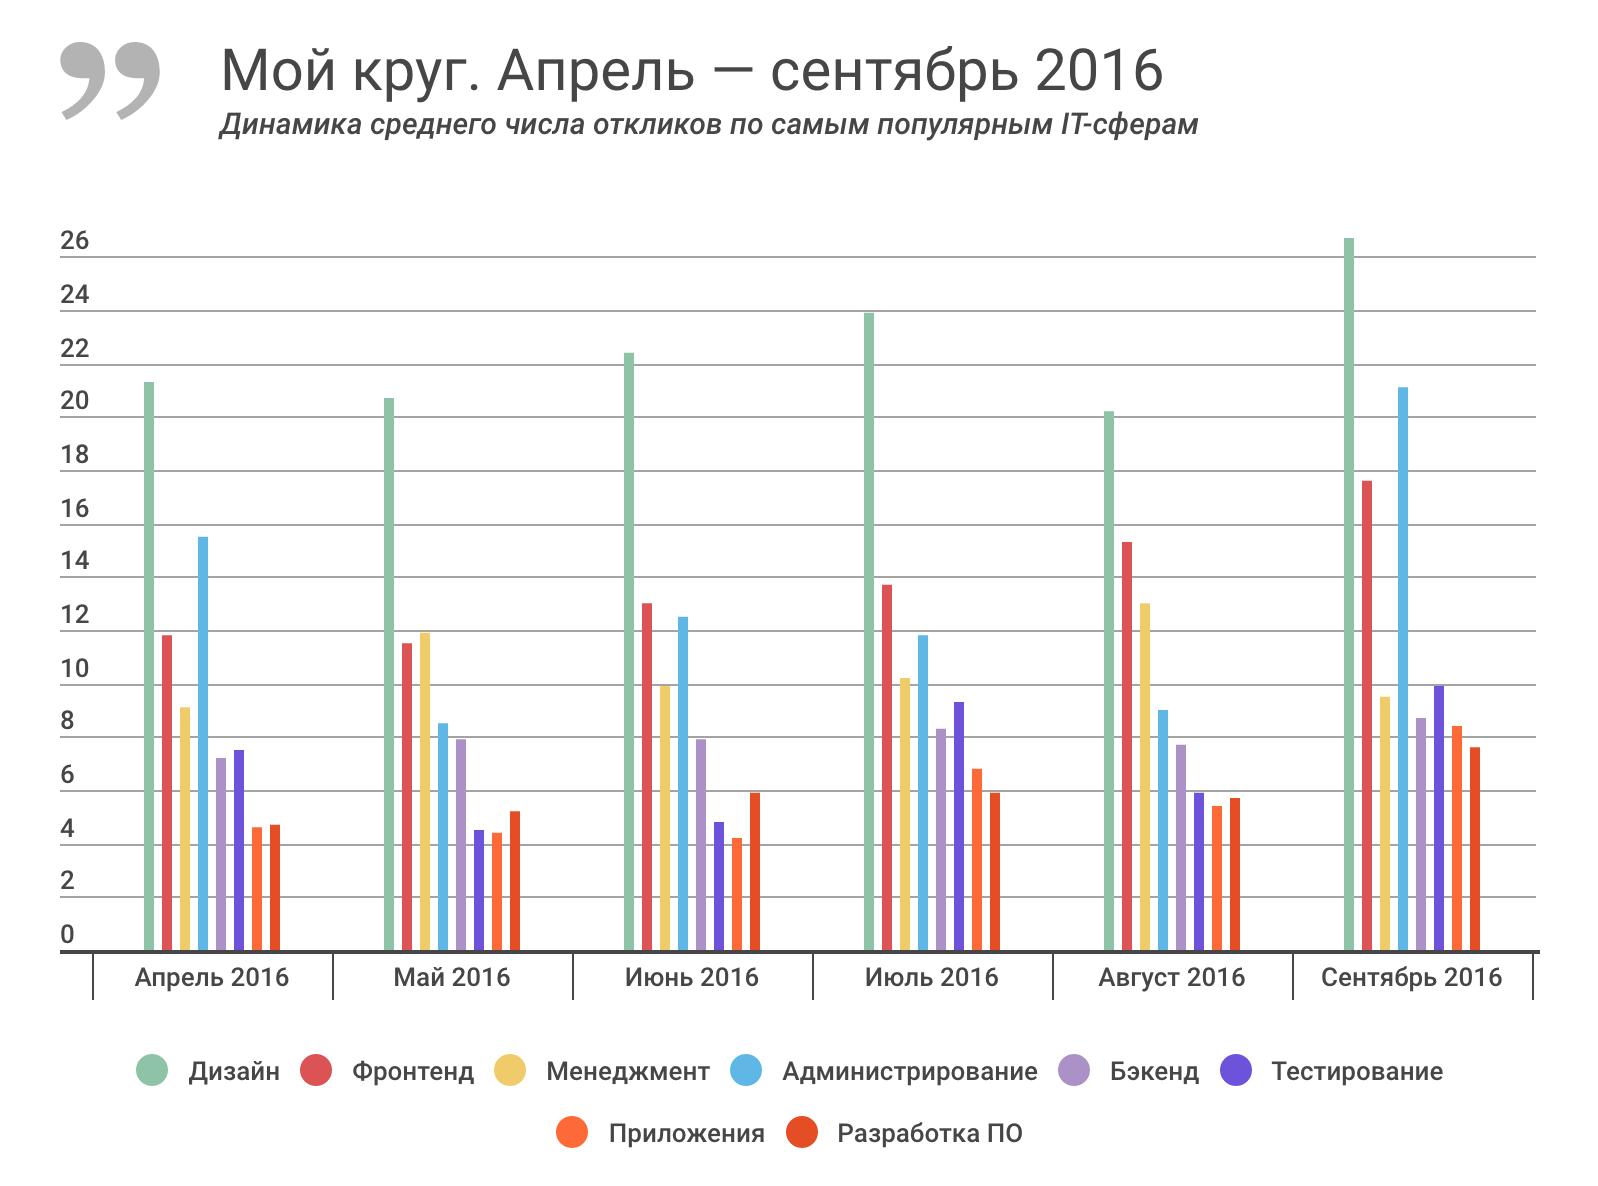 Отчет о результатах «Моего круга» за сентябрь 2016, и самые популярные вакансии месяца - 2